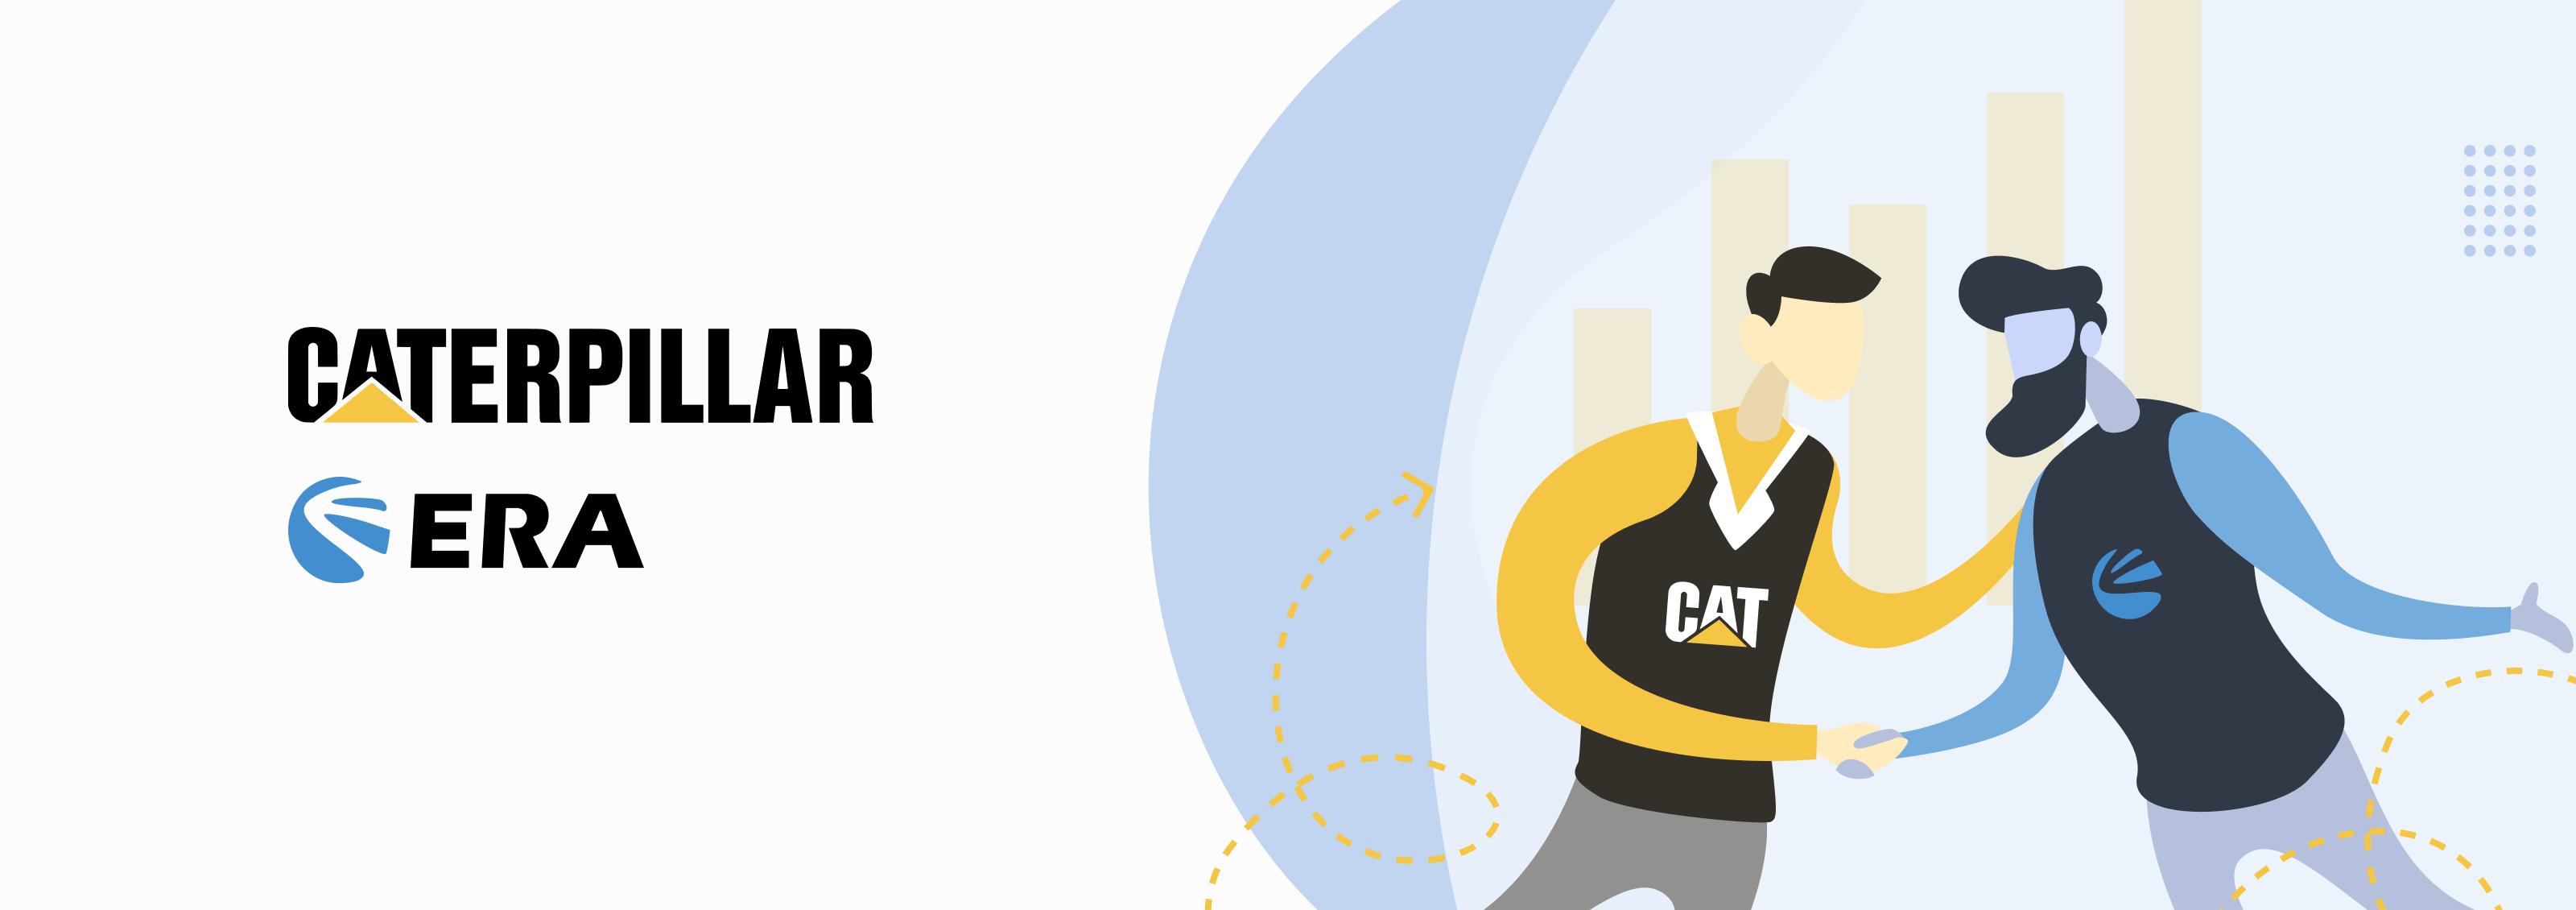 caterpillar & era acquisition